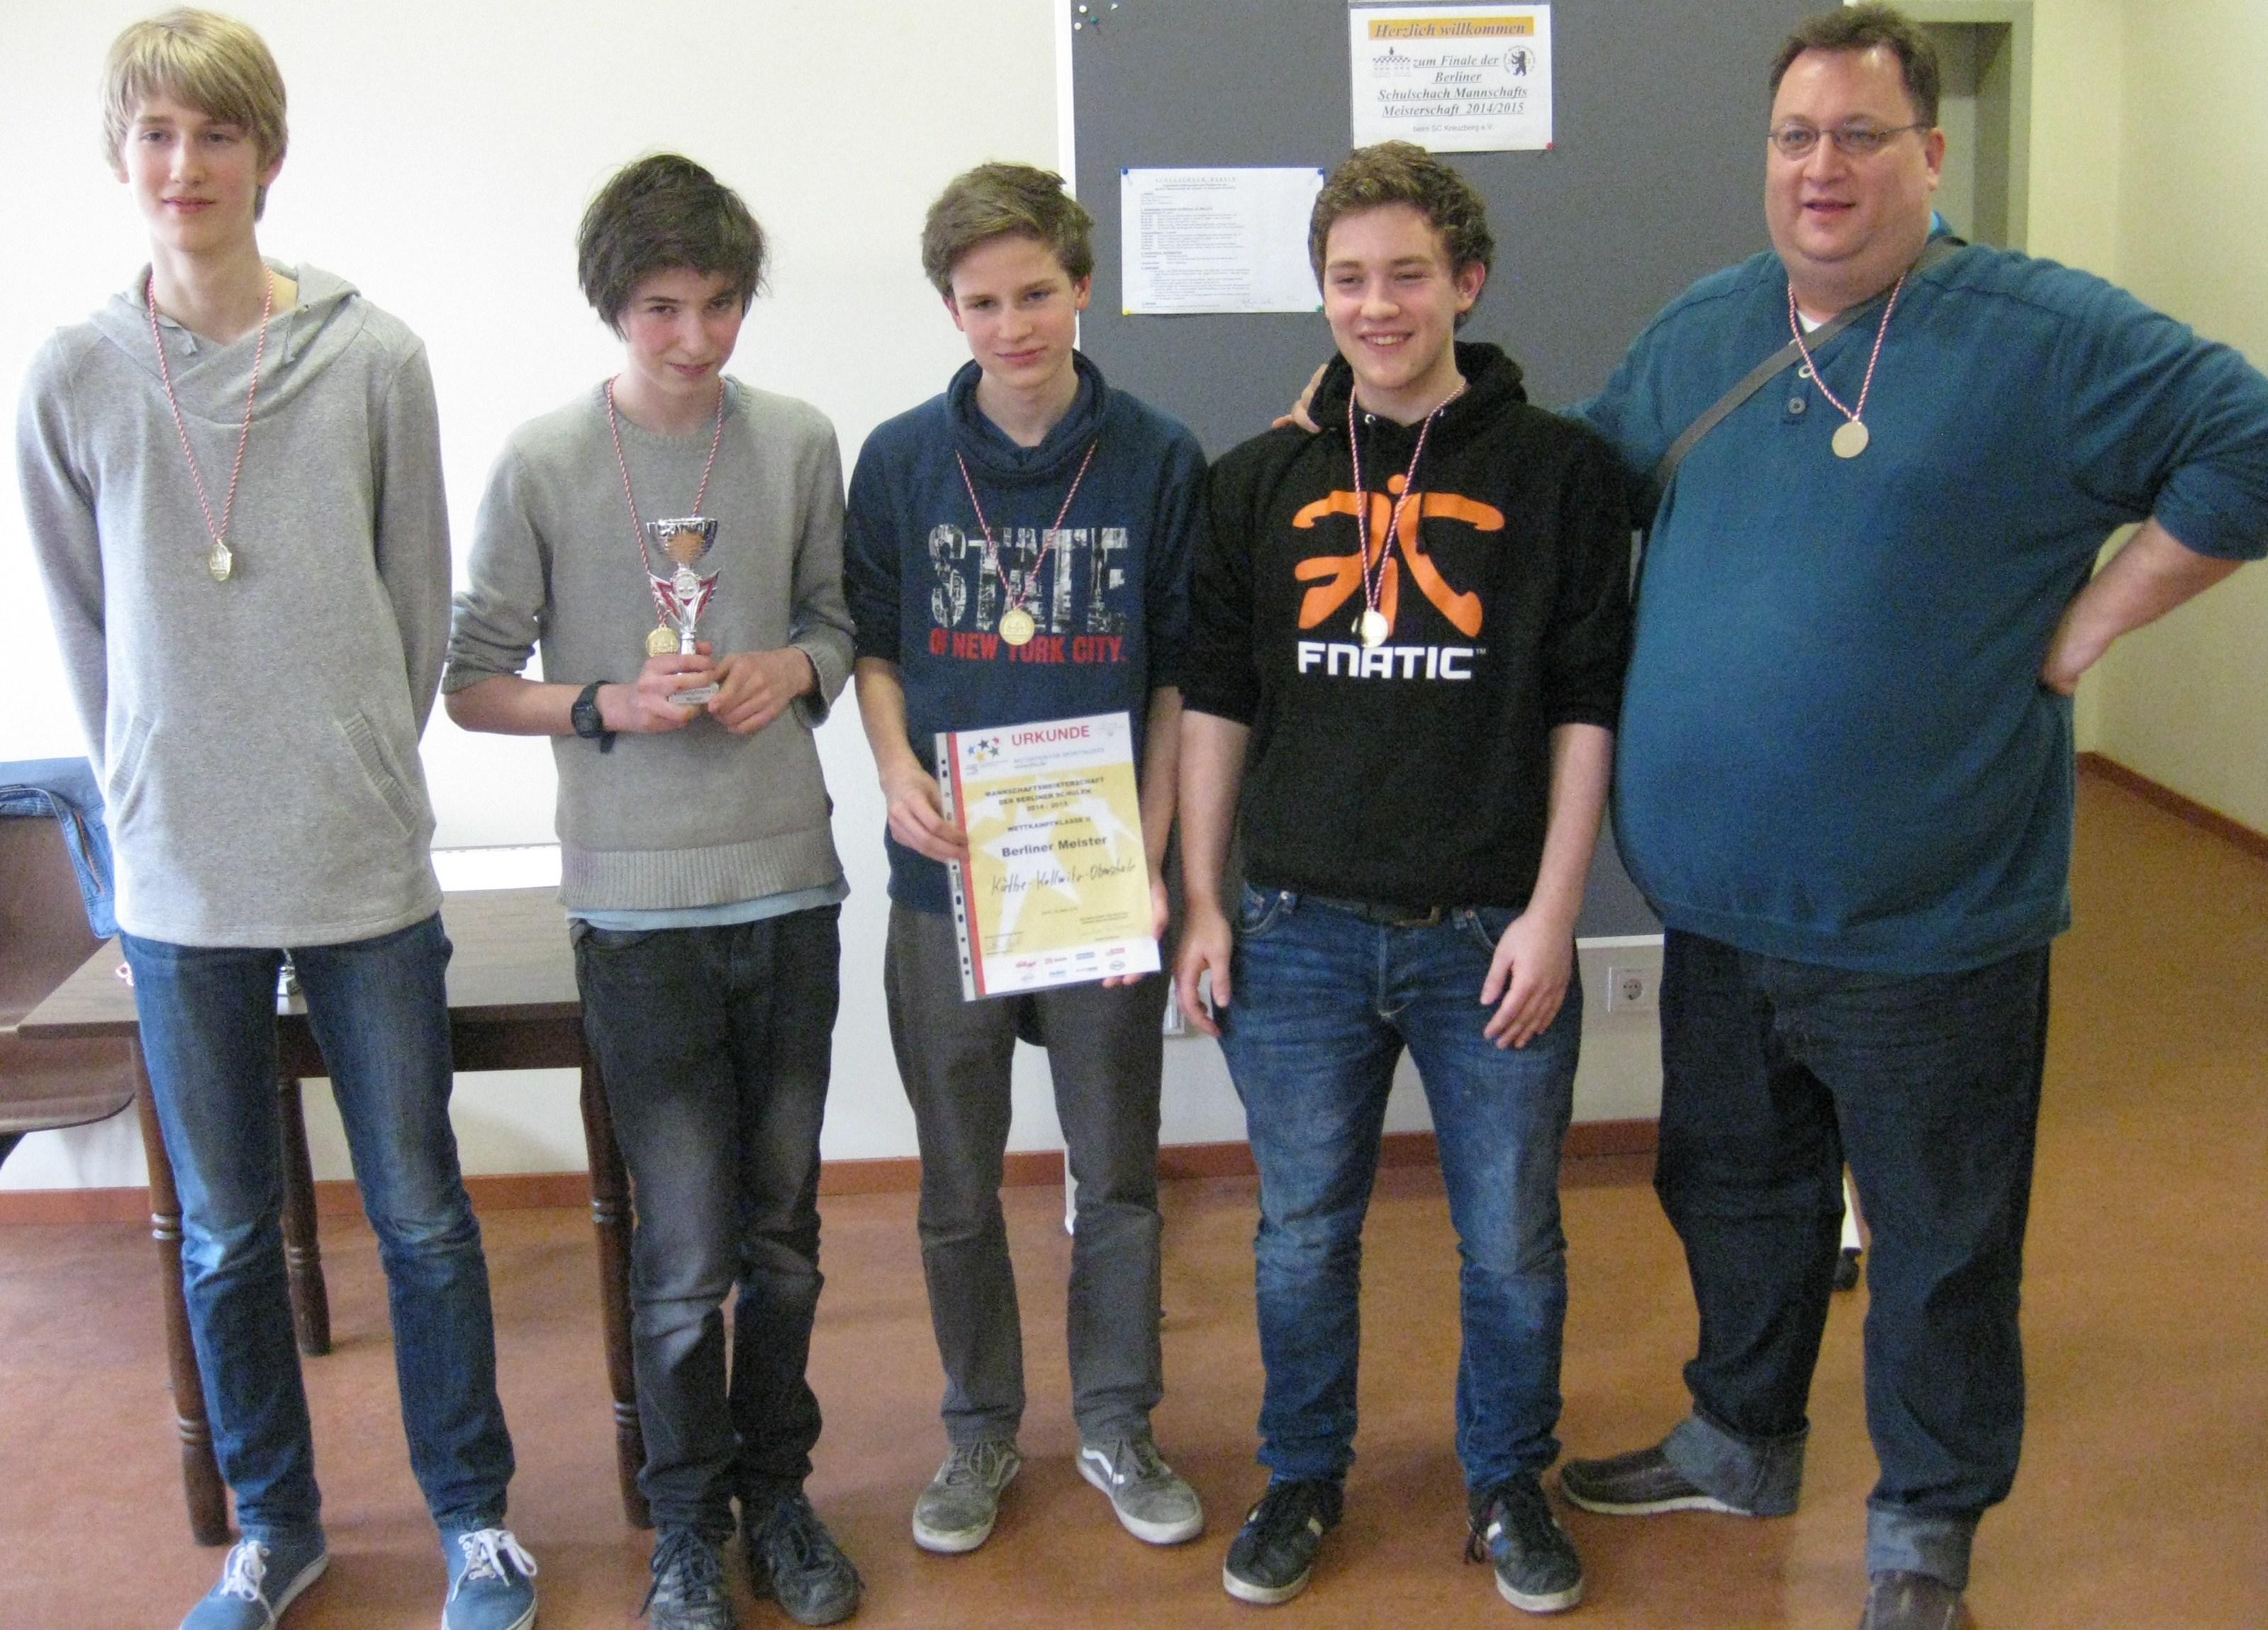 WK-II-Platz-1-Käthe-Kollwitz-Oberschule.jpg